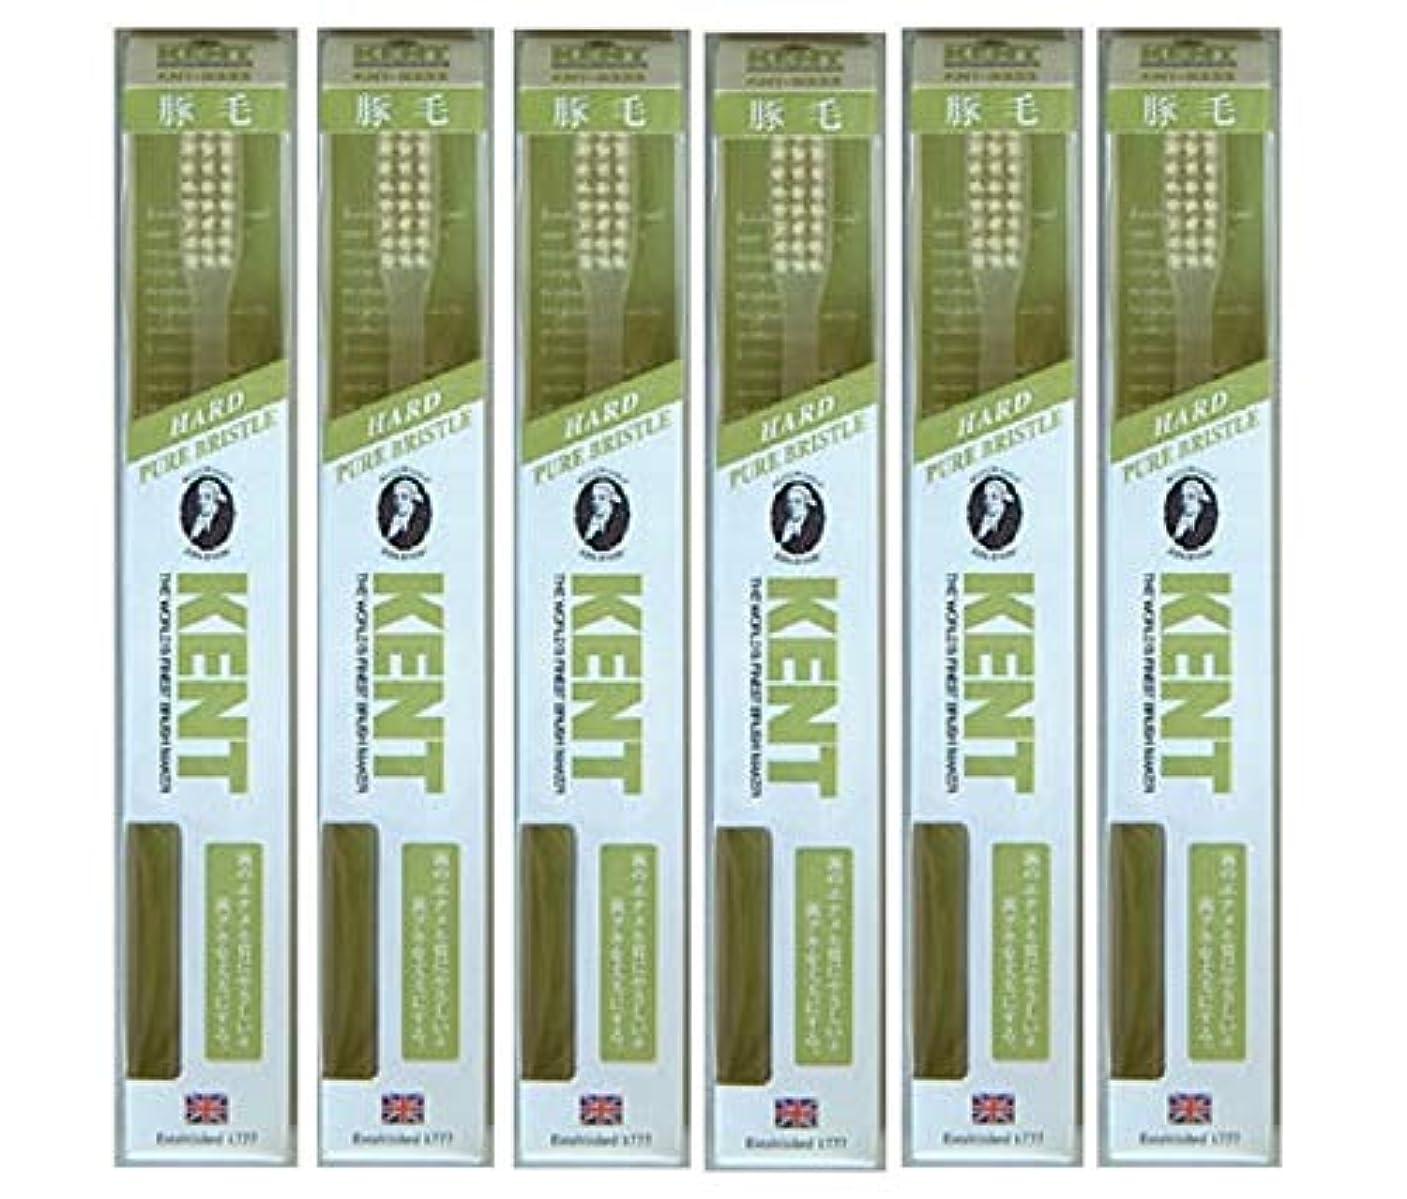 チューブ不愉快に規定【6本セット】KENT 豚毛歯ブラシ KNT-9333 ラージヘッド かため